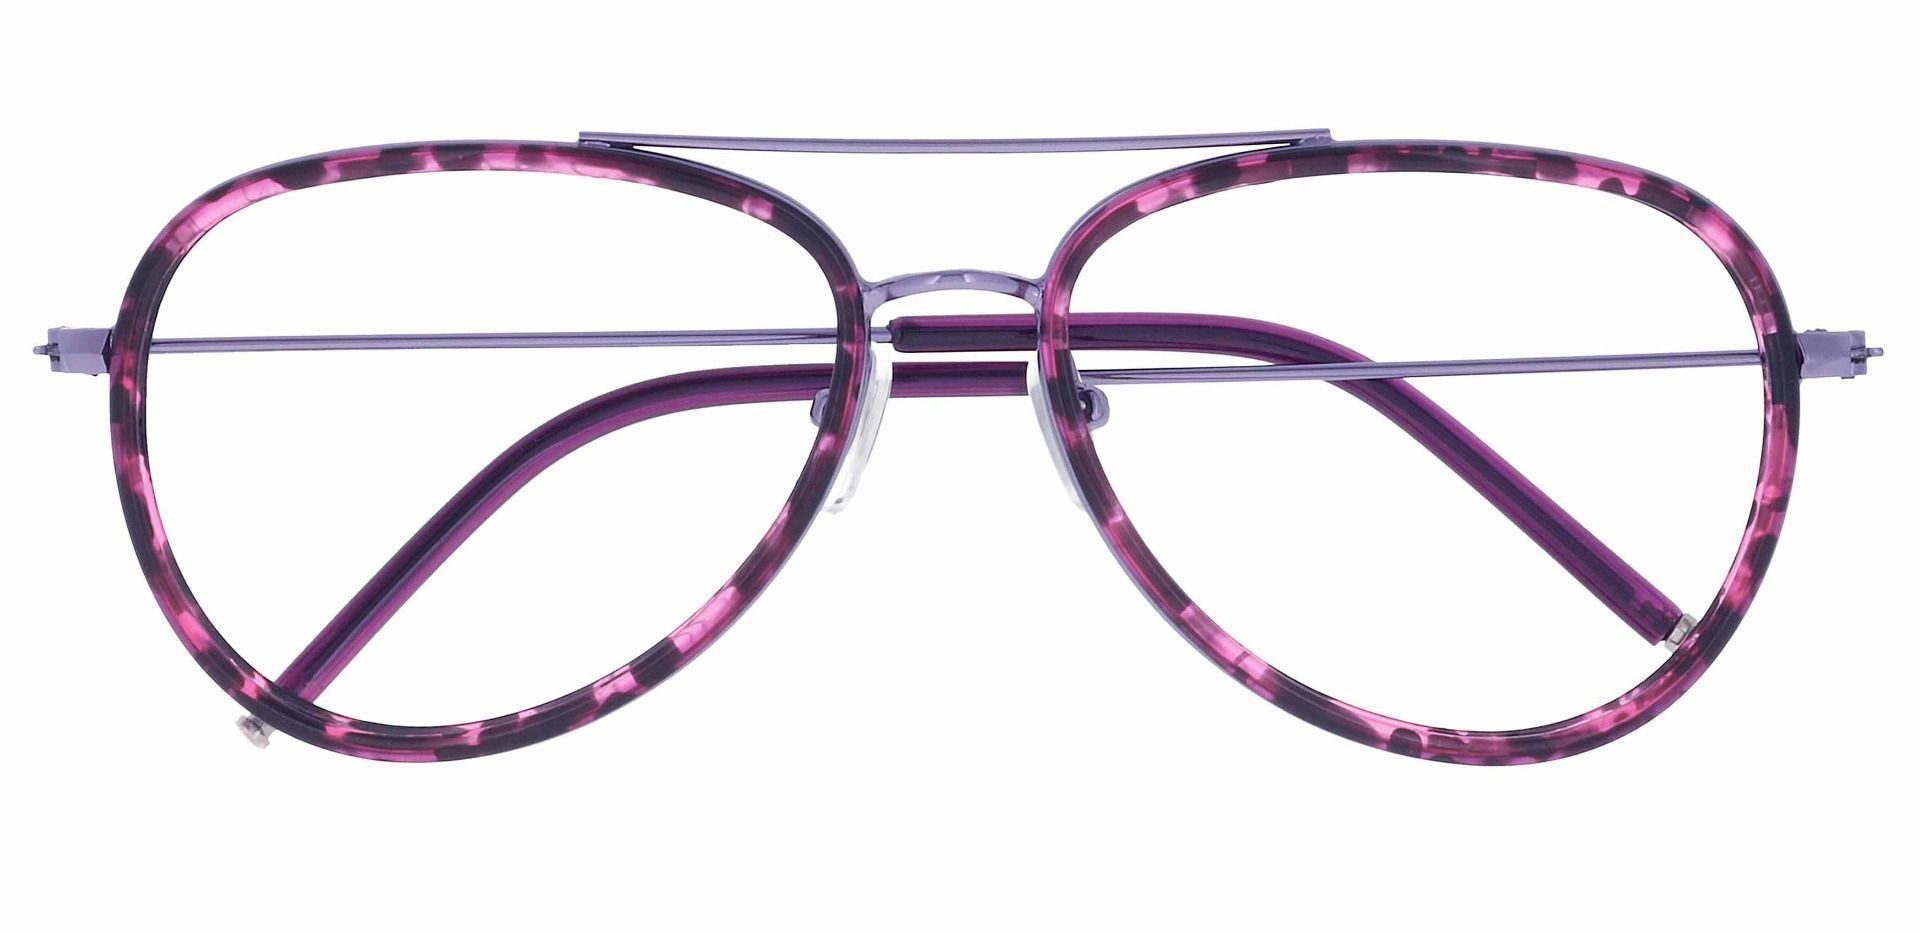 Ace Aviator Non-Rx Glasses - Purple